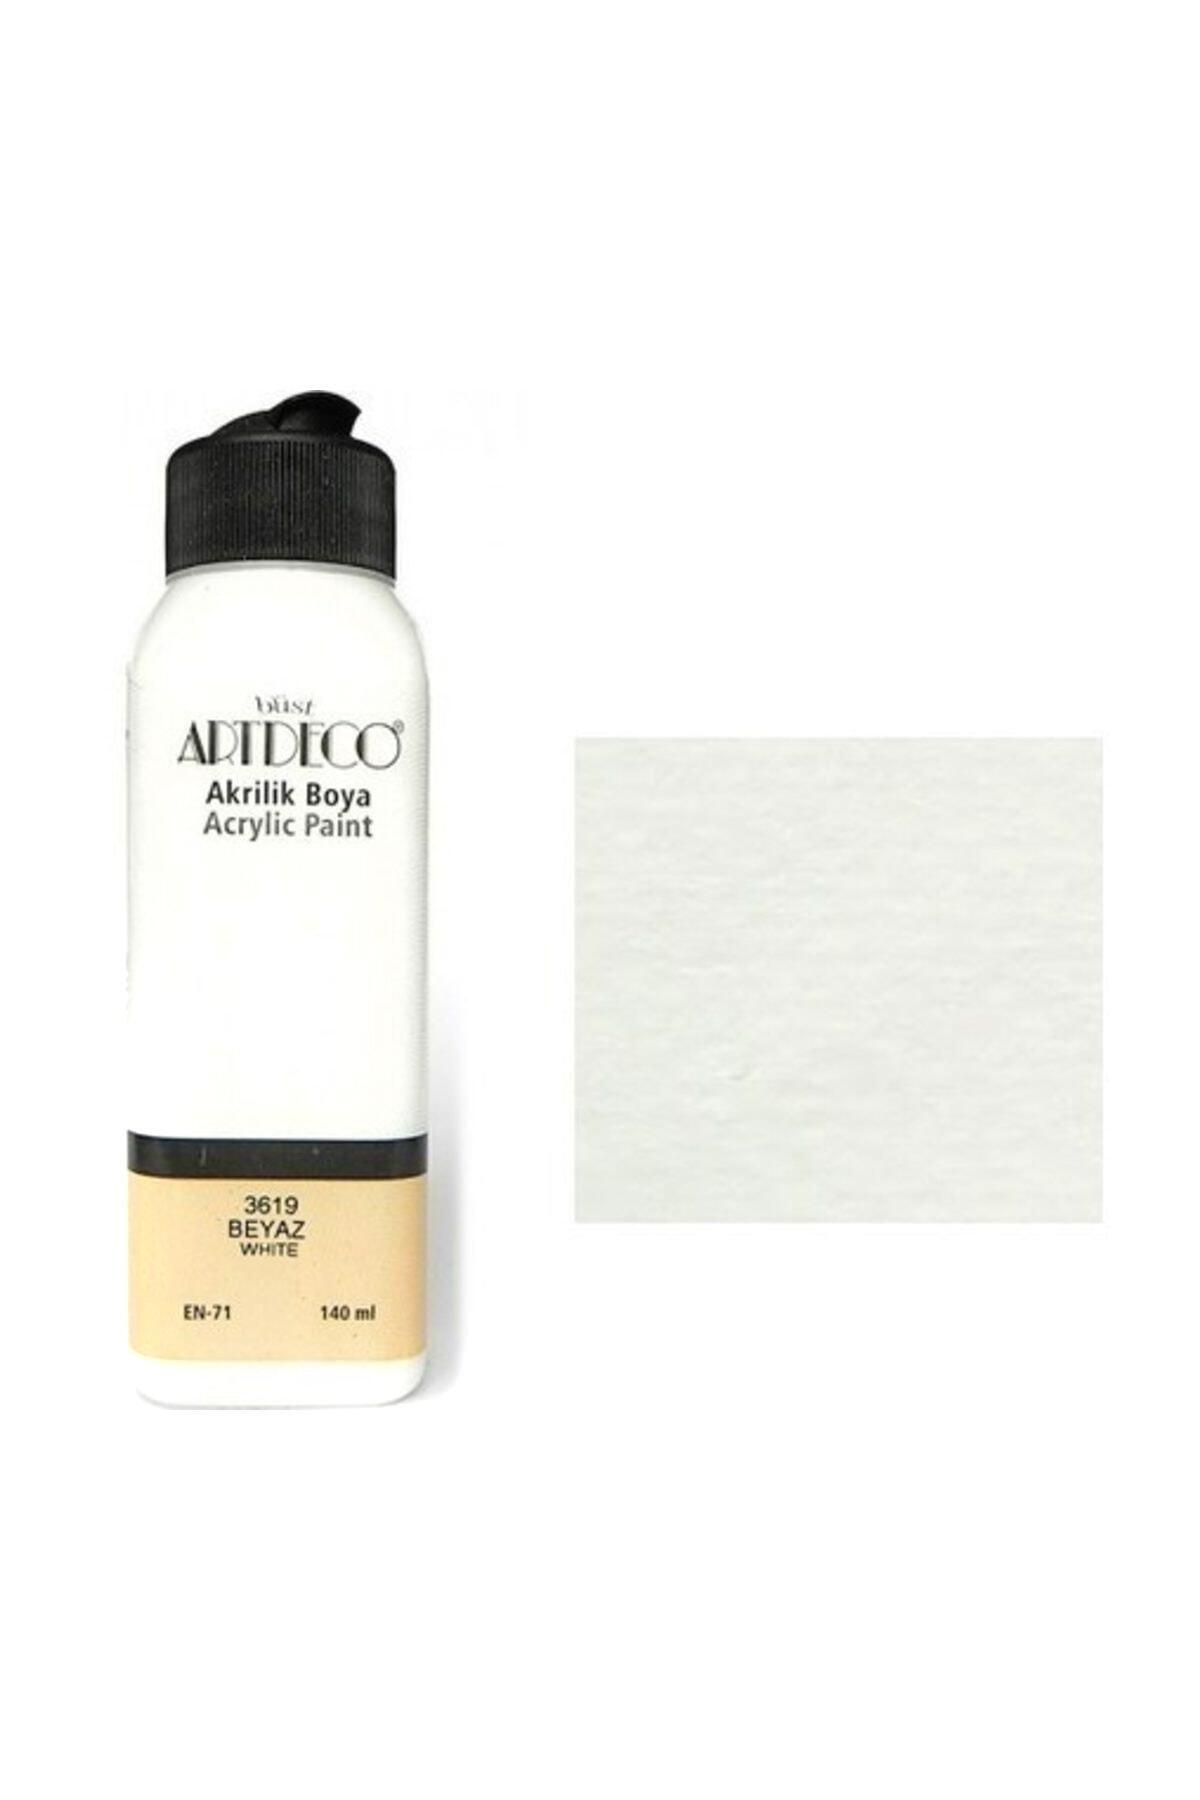 Artdeco Akrilik Boya 140 ml. Beyaz 70r-3619 2